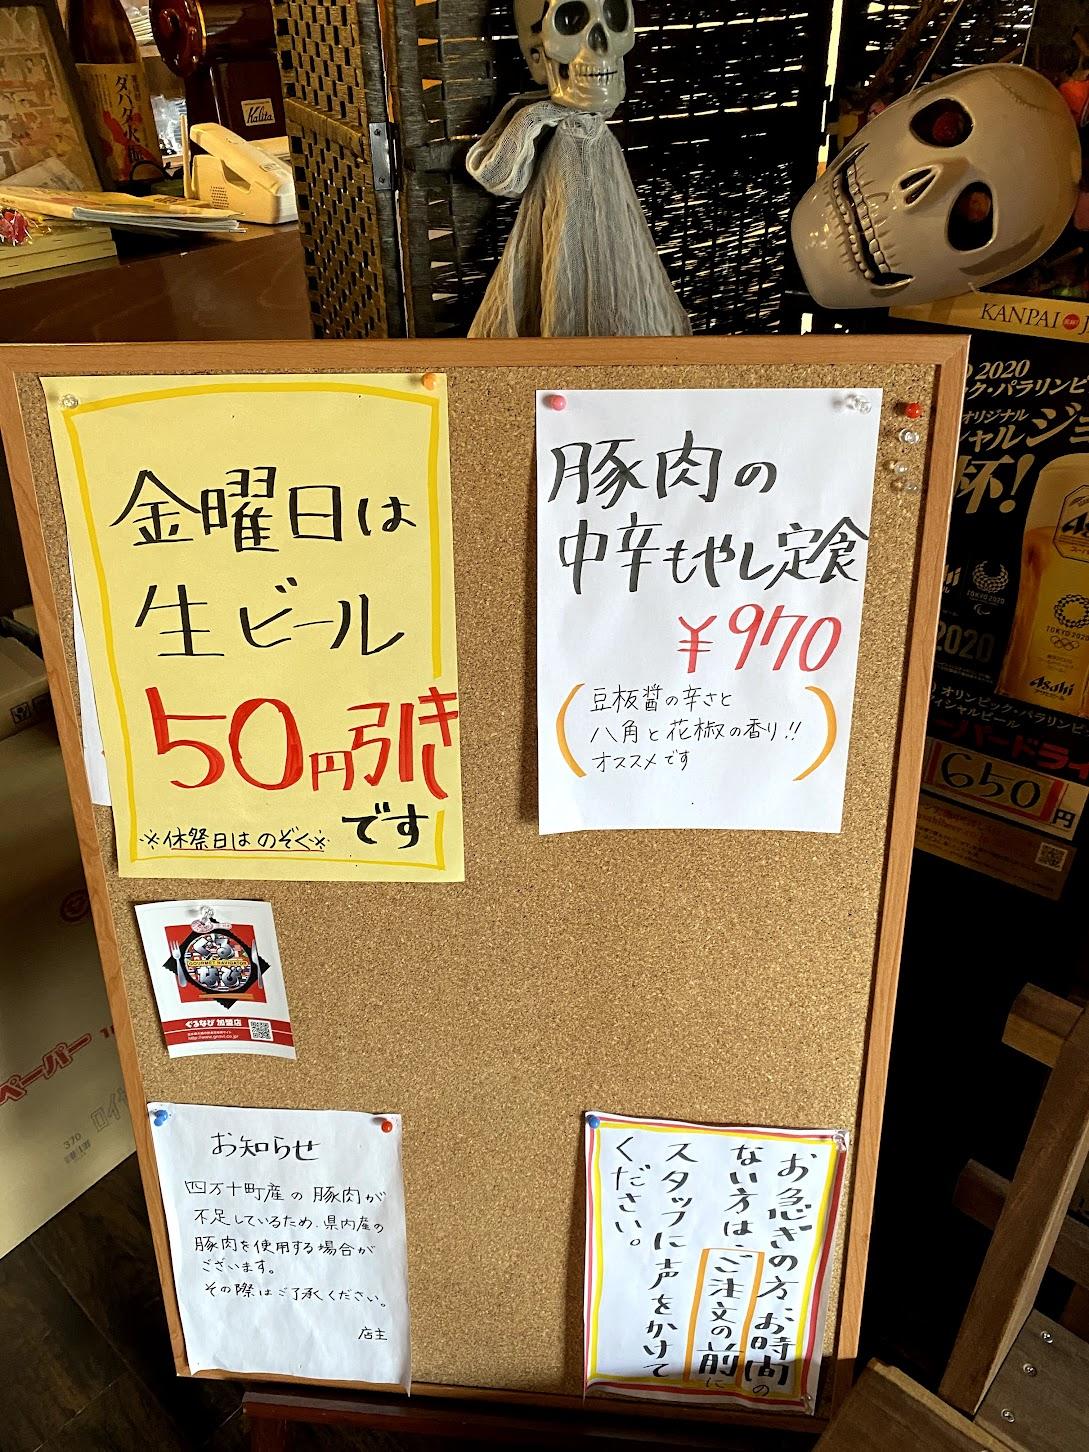 金曜日は生ビール50円引き